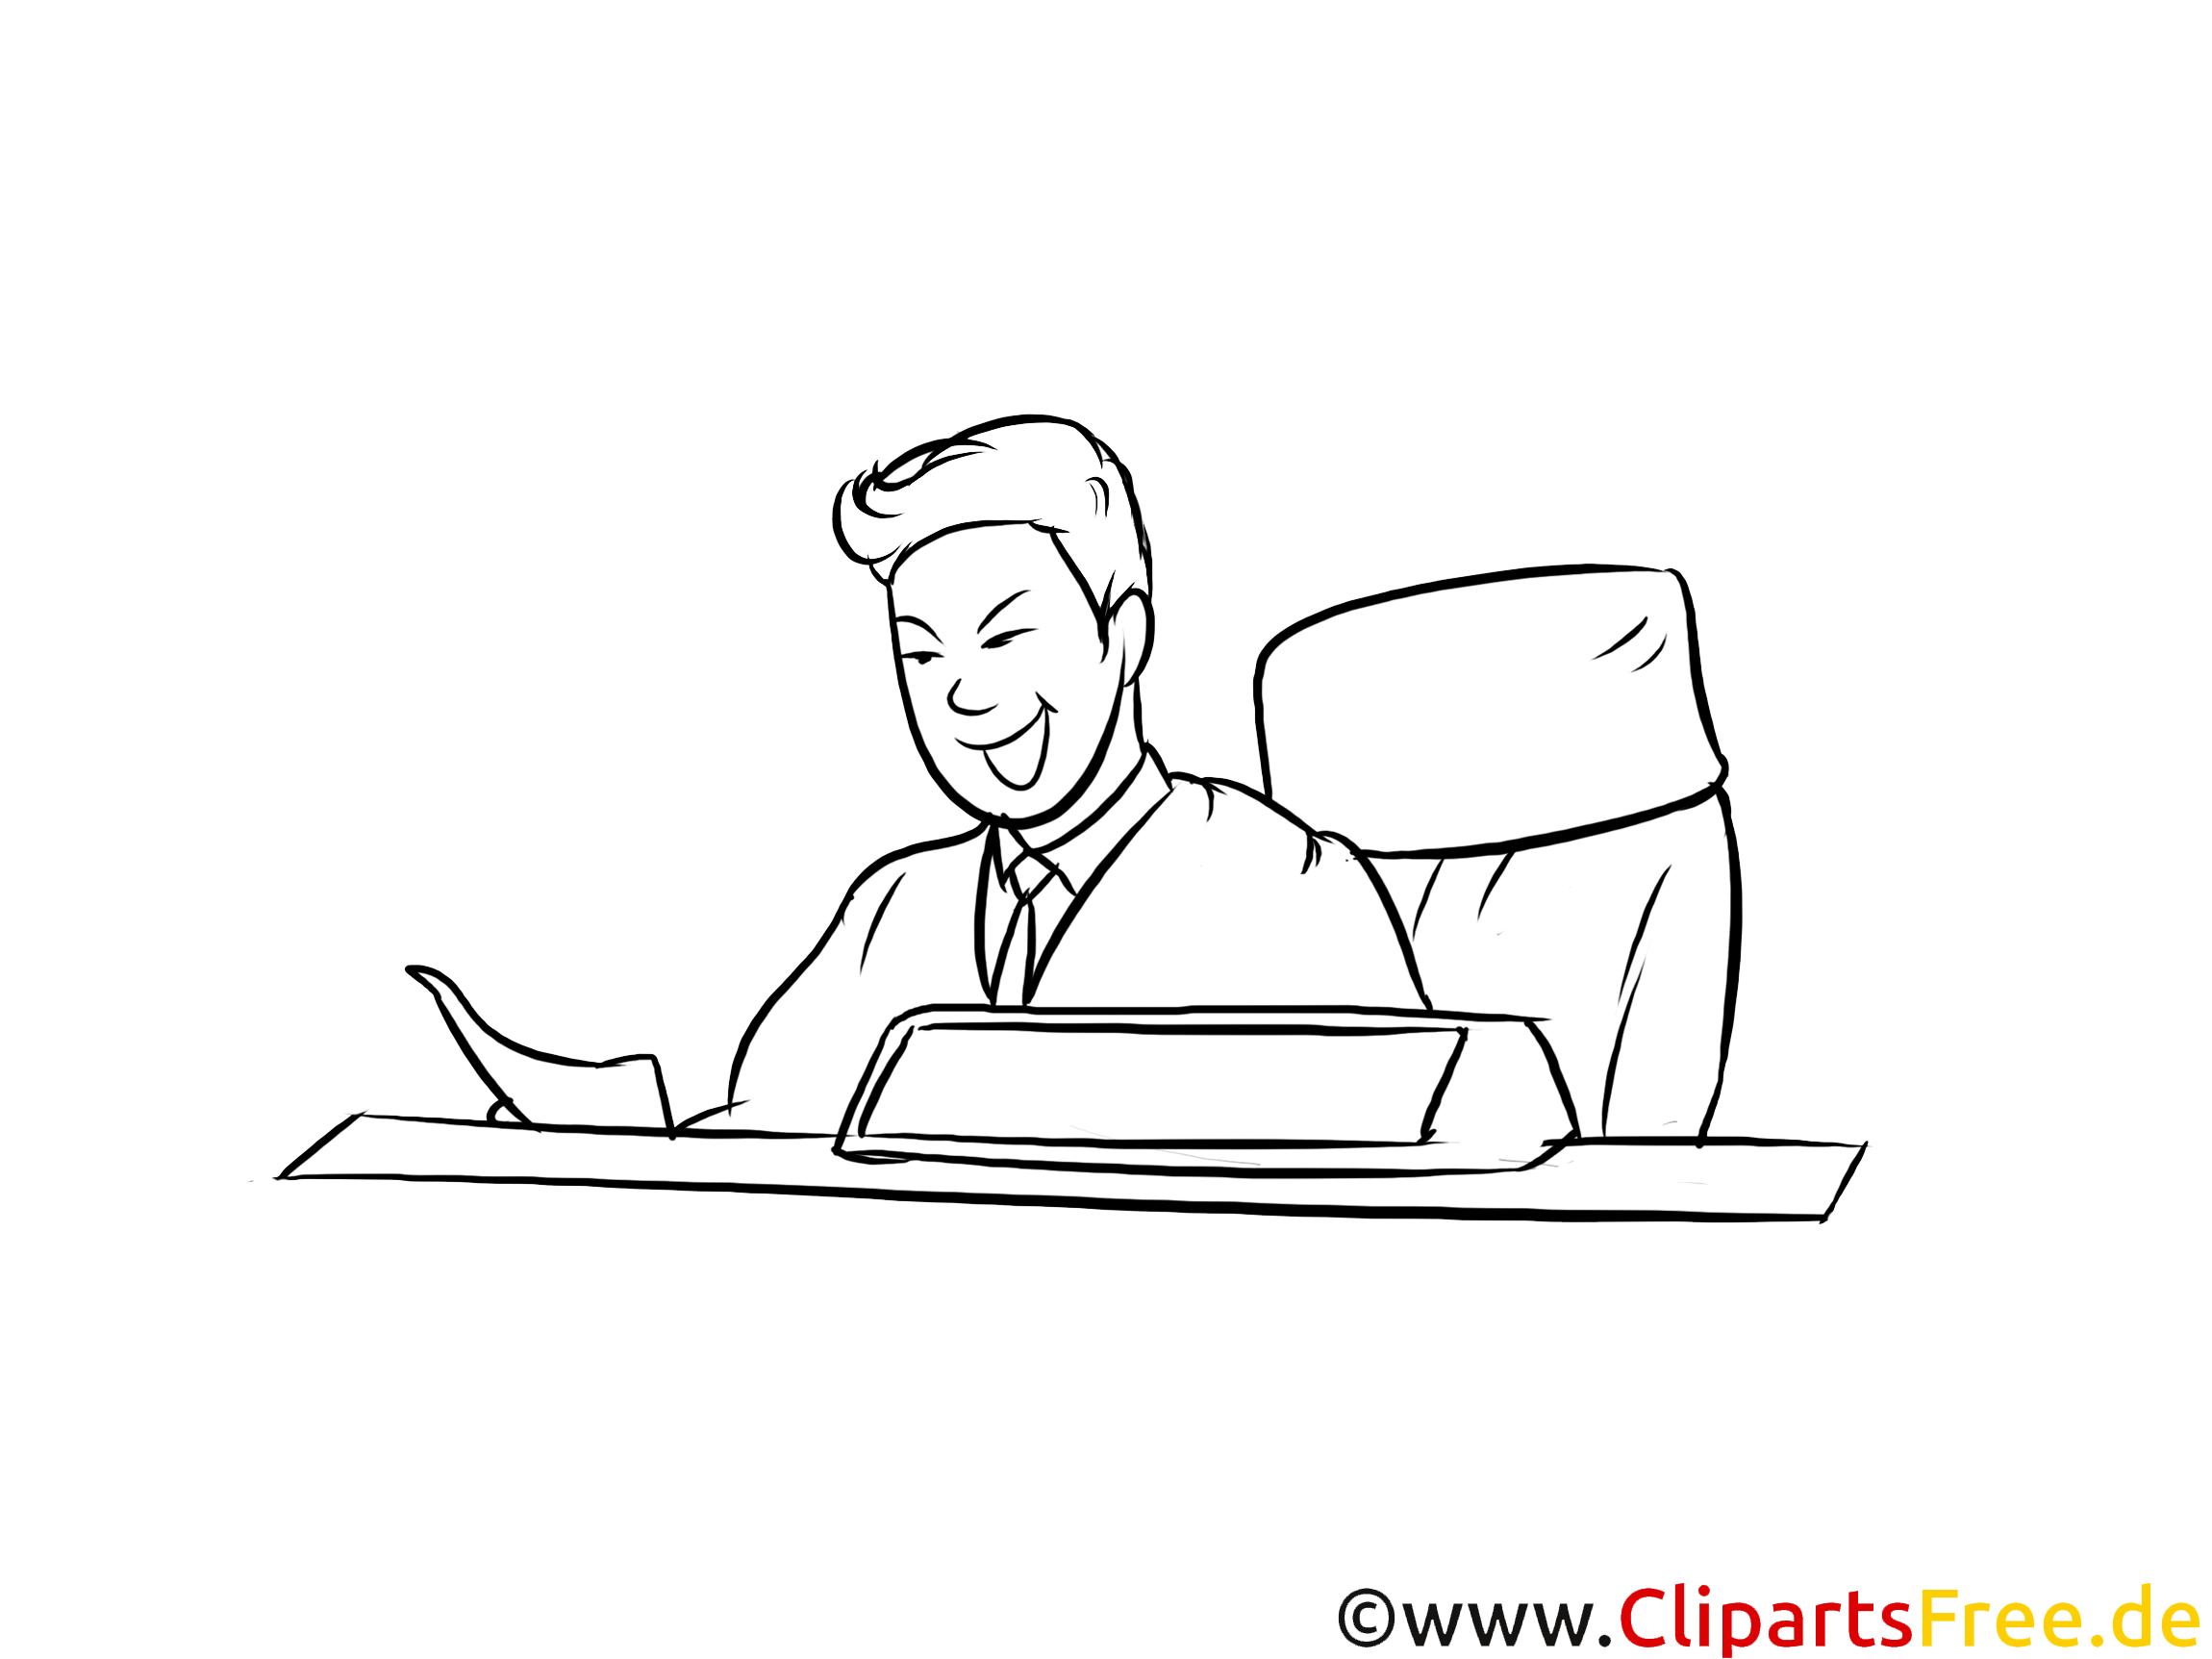 Justizfachangestellter druckbare schwarz-weiße Cliparts, Grafiken kostenlos